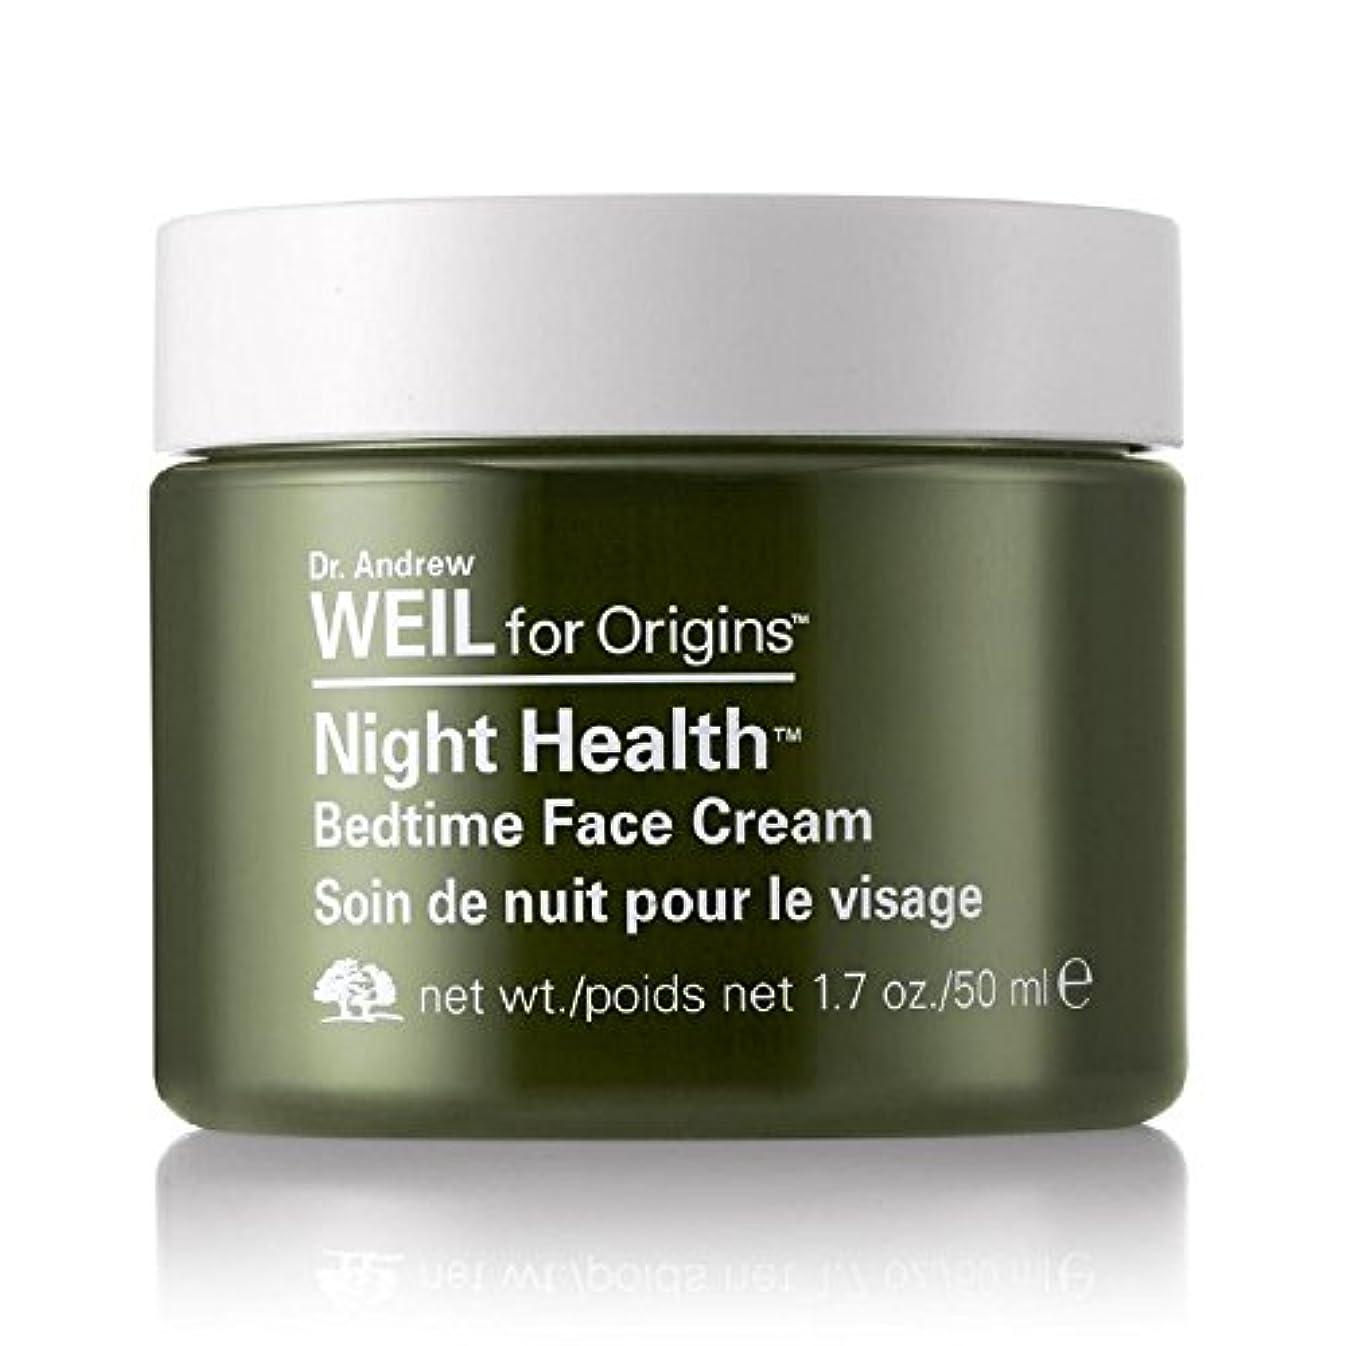 レモンほのめかす大量Origins Dr Weil Night Health Face Cream 50ml - 起源のワイル夜の健康顔クリーム50 [並行輸入品]